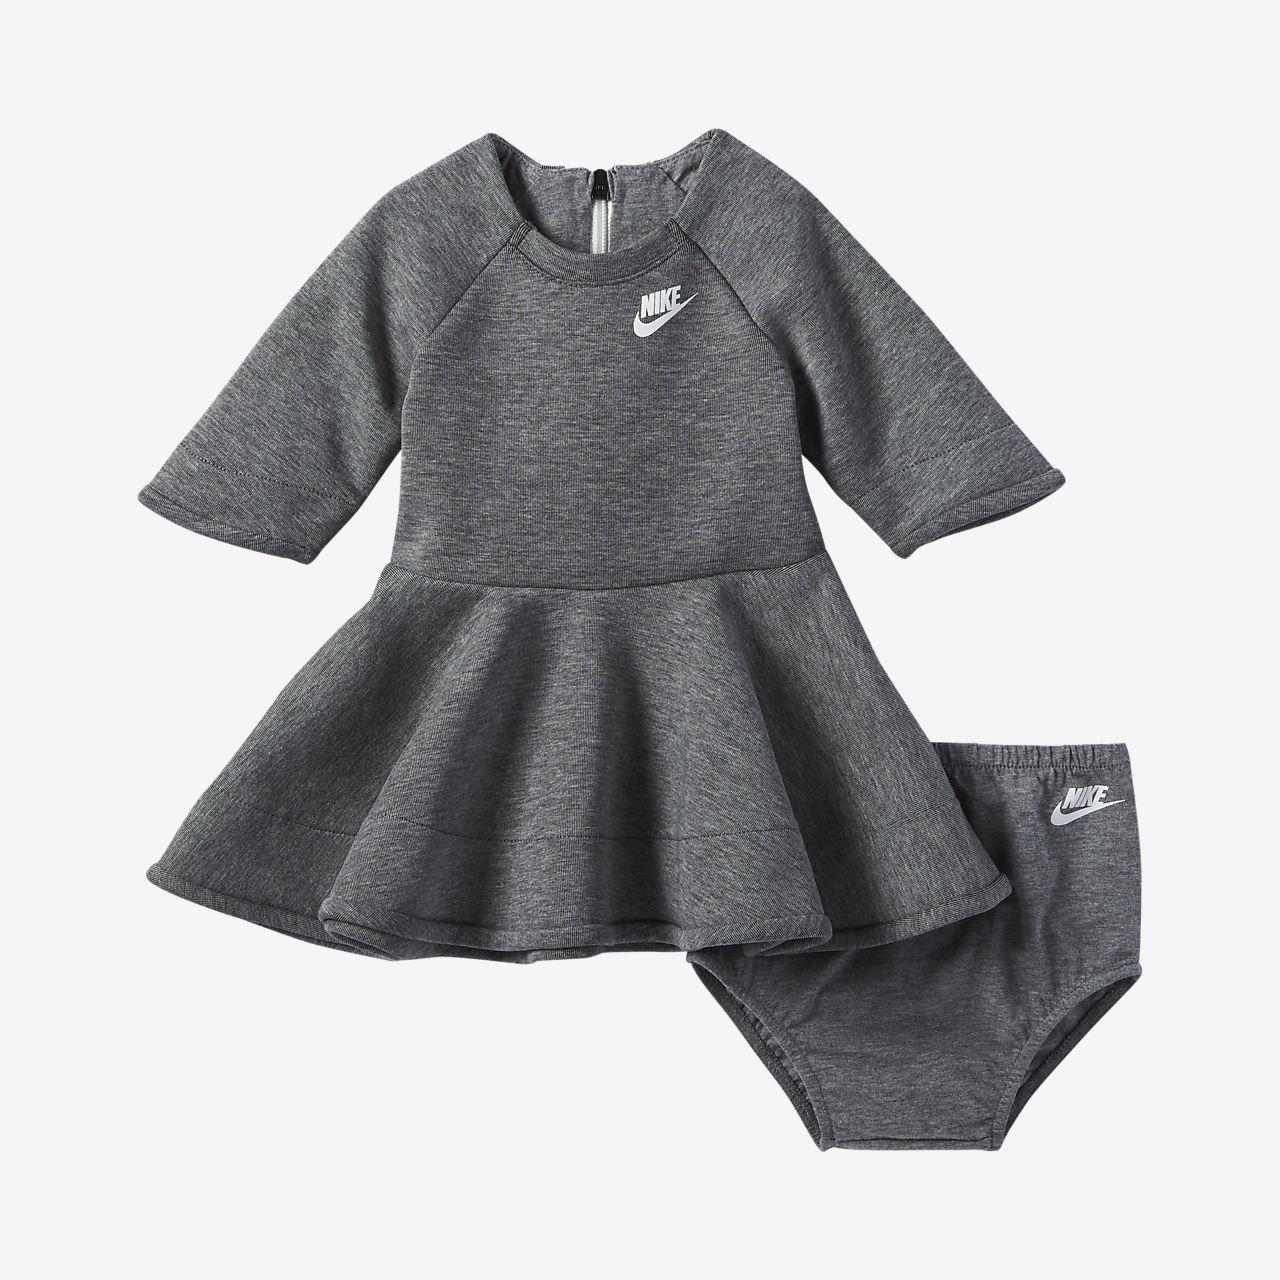 Šaty pro kojence (12 – 24 měsíců) Nike Tech Fleece